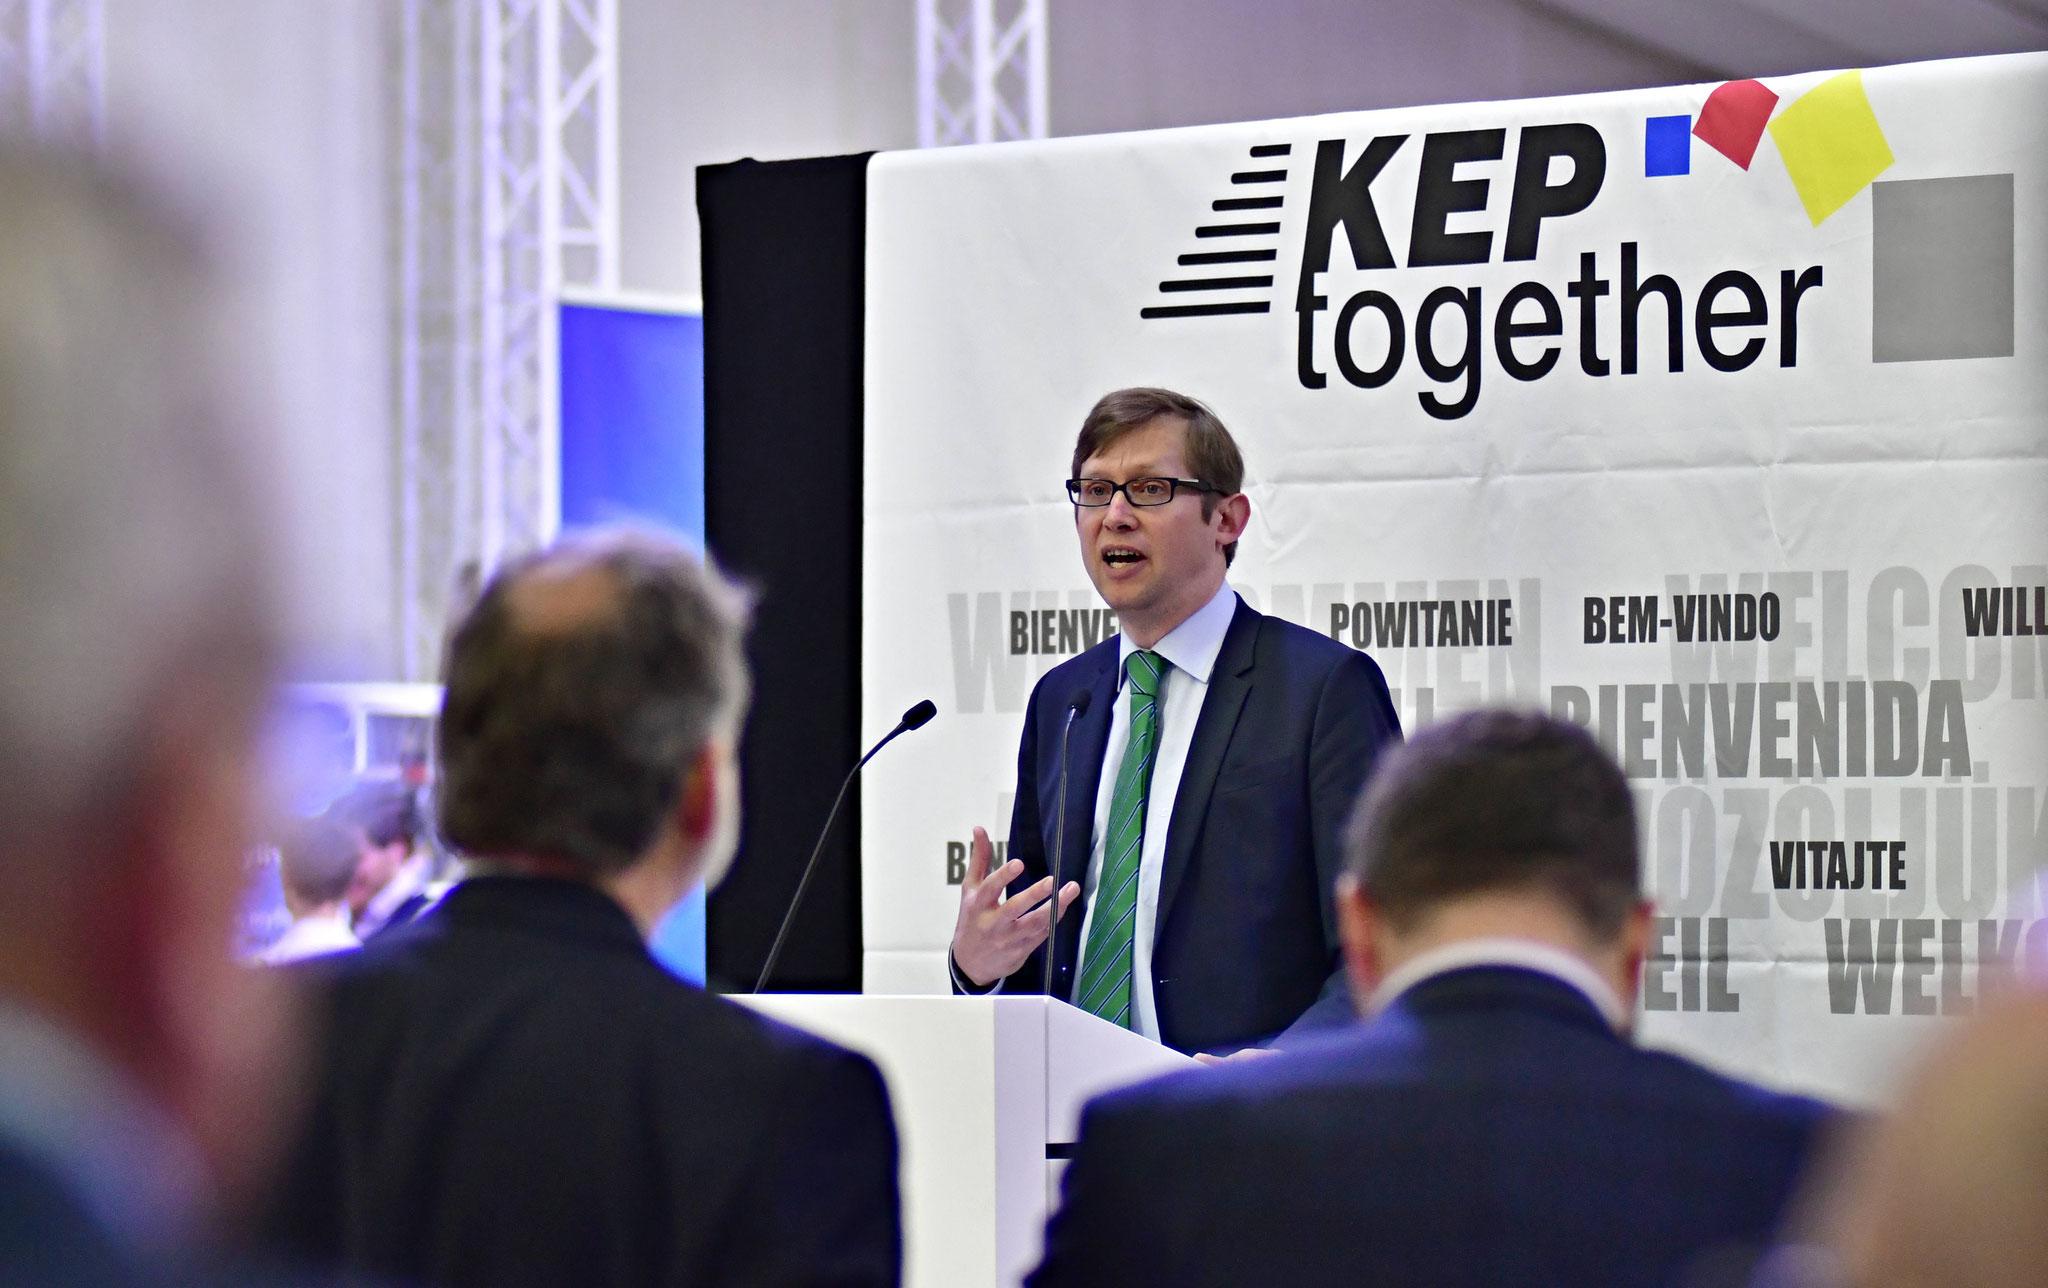 Jens Deutschendorf, Staatssekretär, eröffnete die 6. EUROPÄISCHEN KEP-TAGE